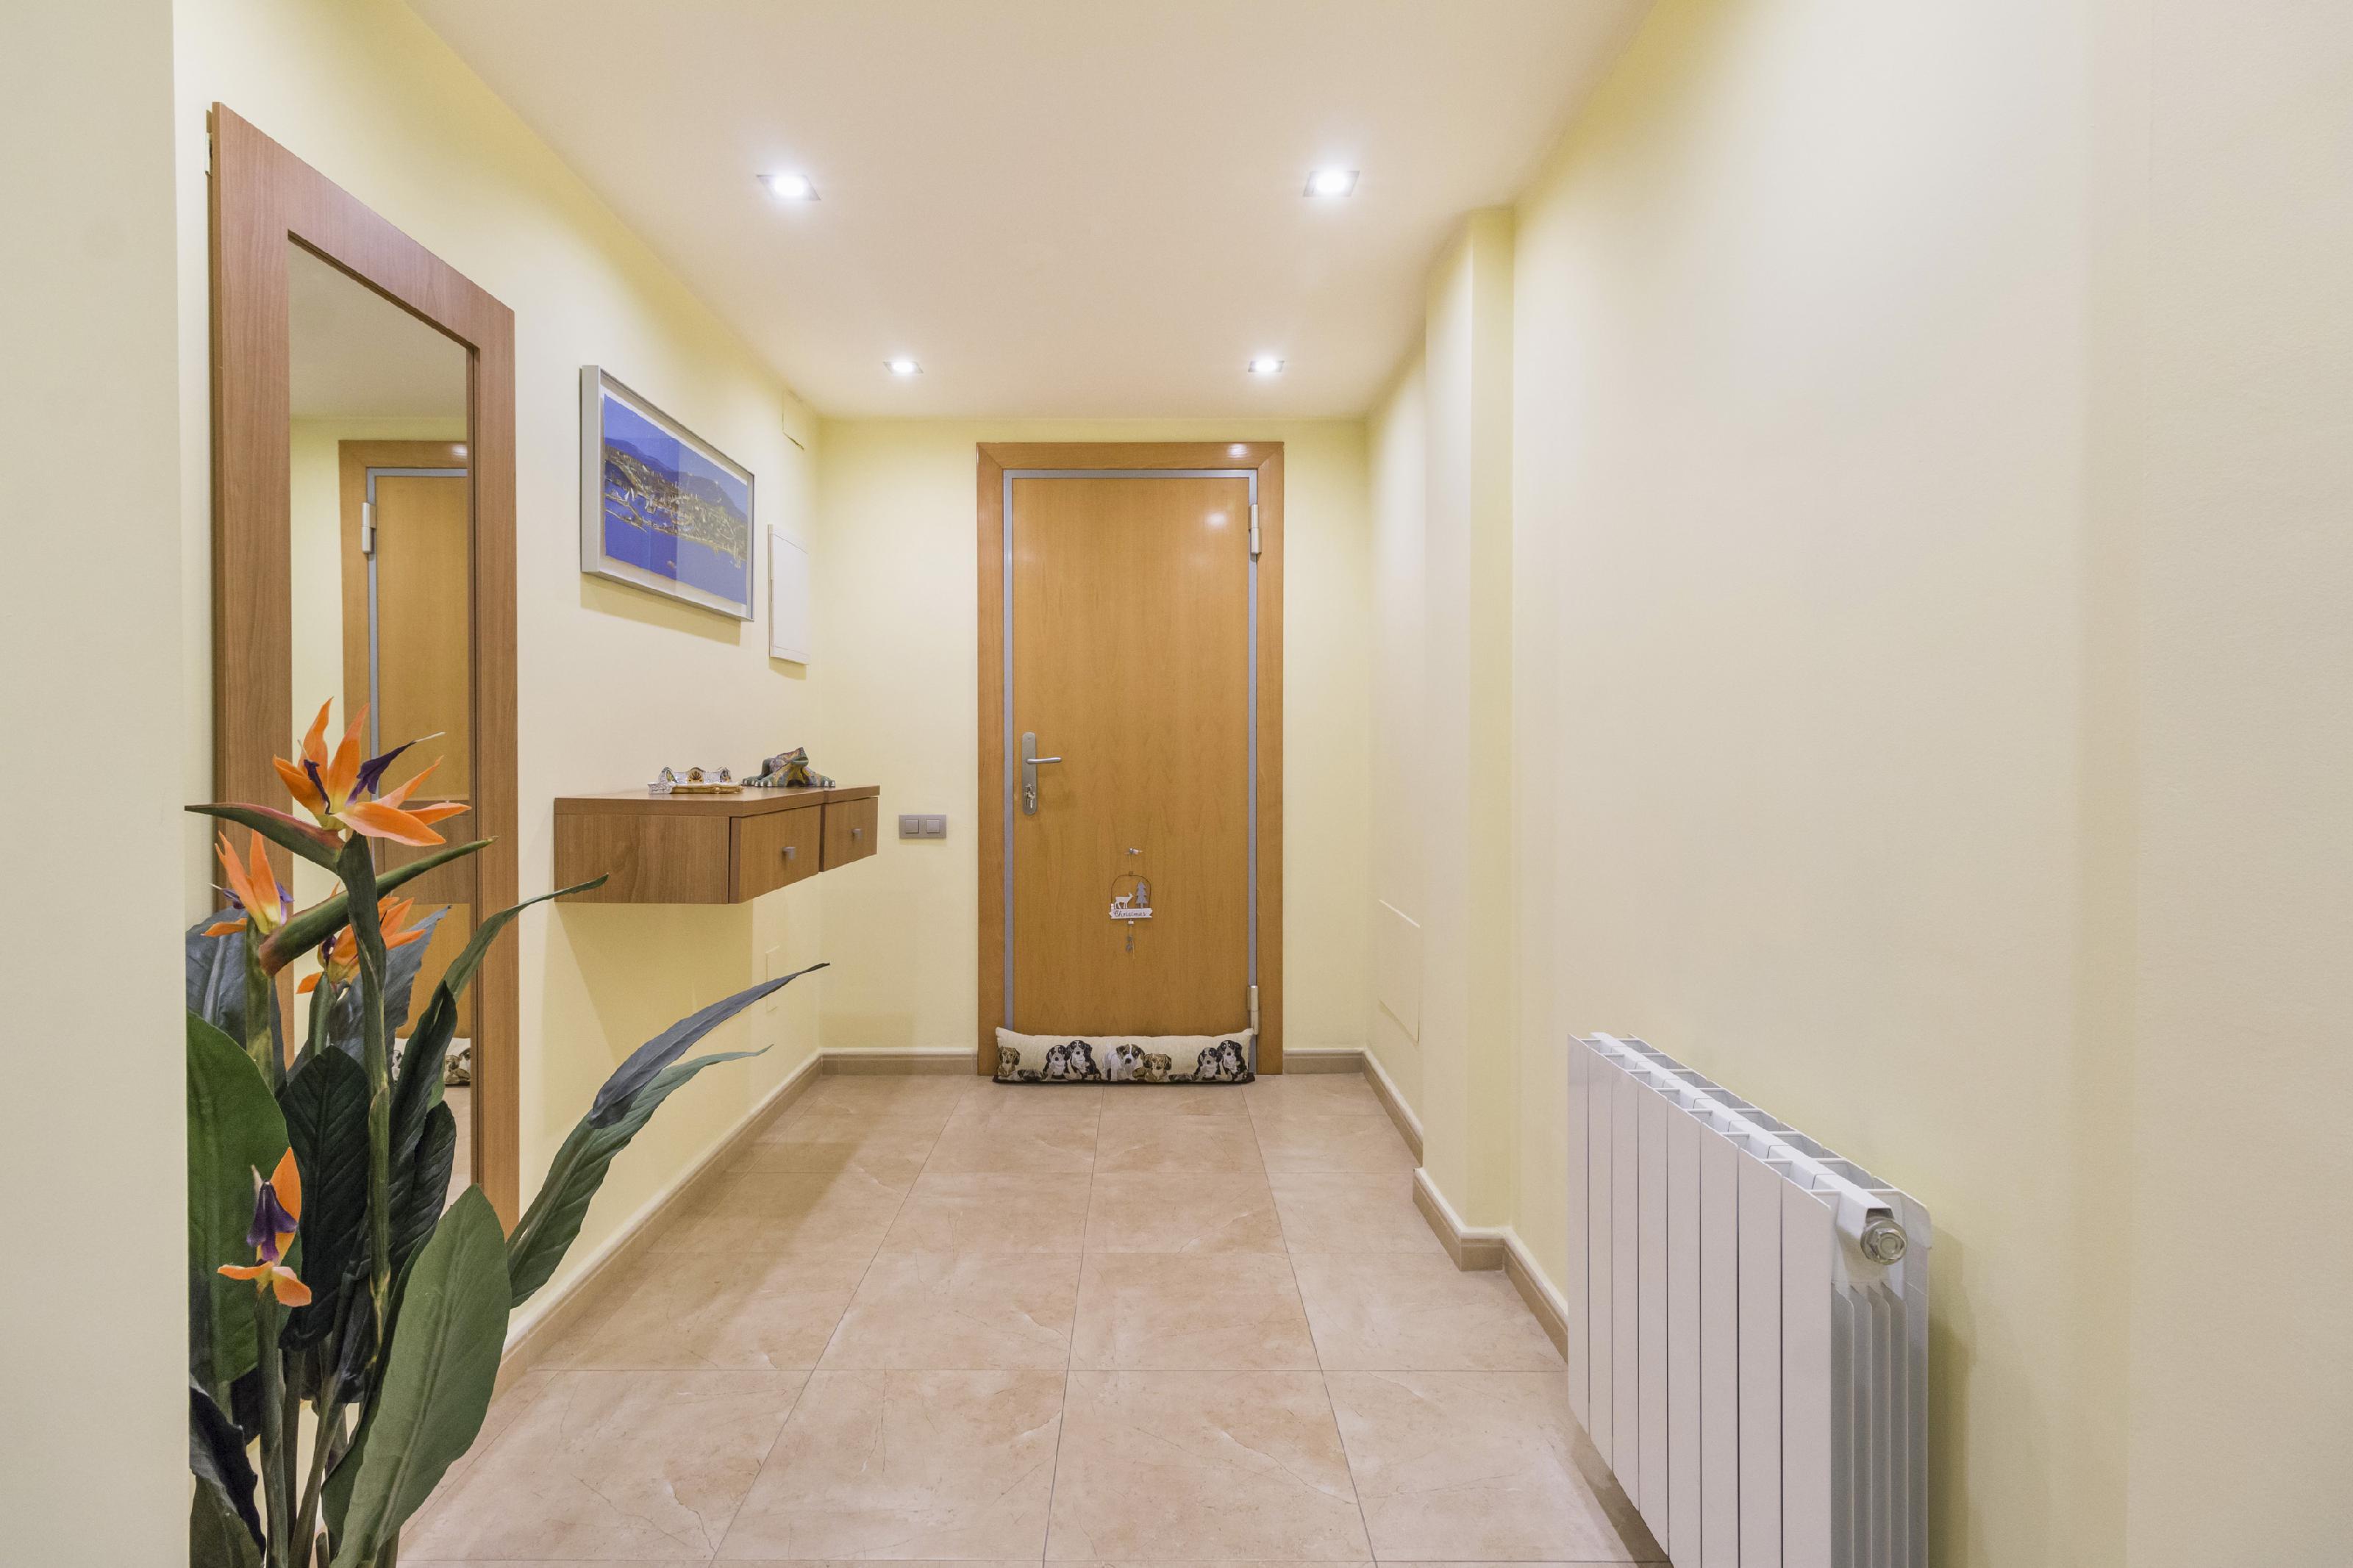 Imagen 3 Casa Adosada en venta en Cubelles / Orientada a Tarragona,  a 3 minutos del pueblo